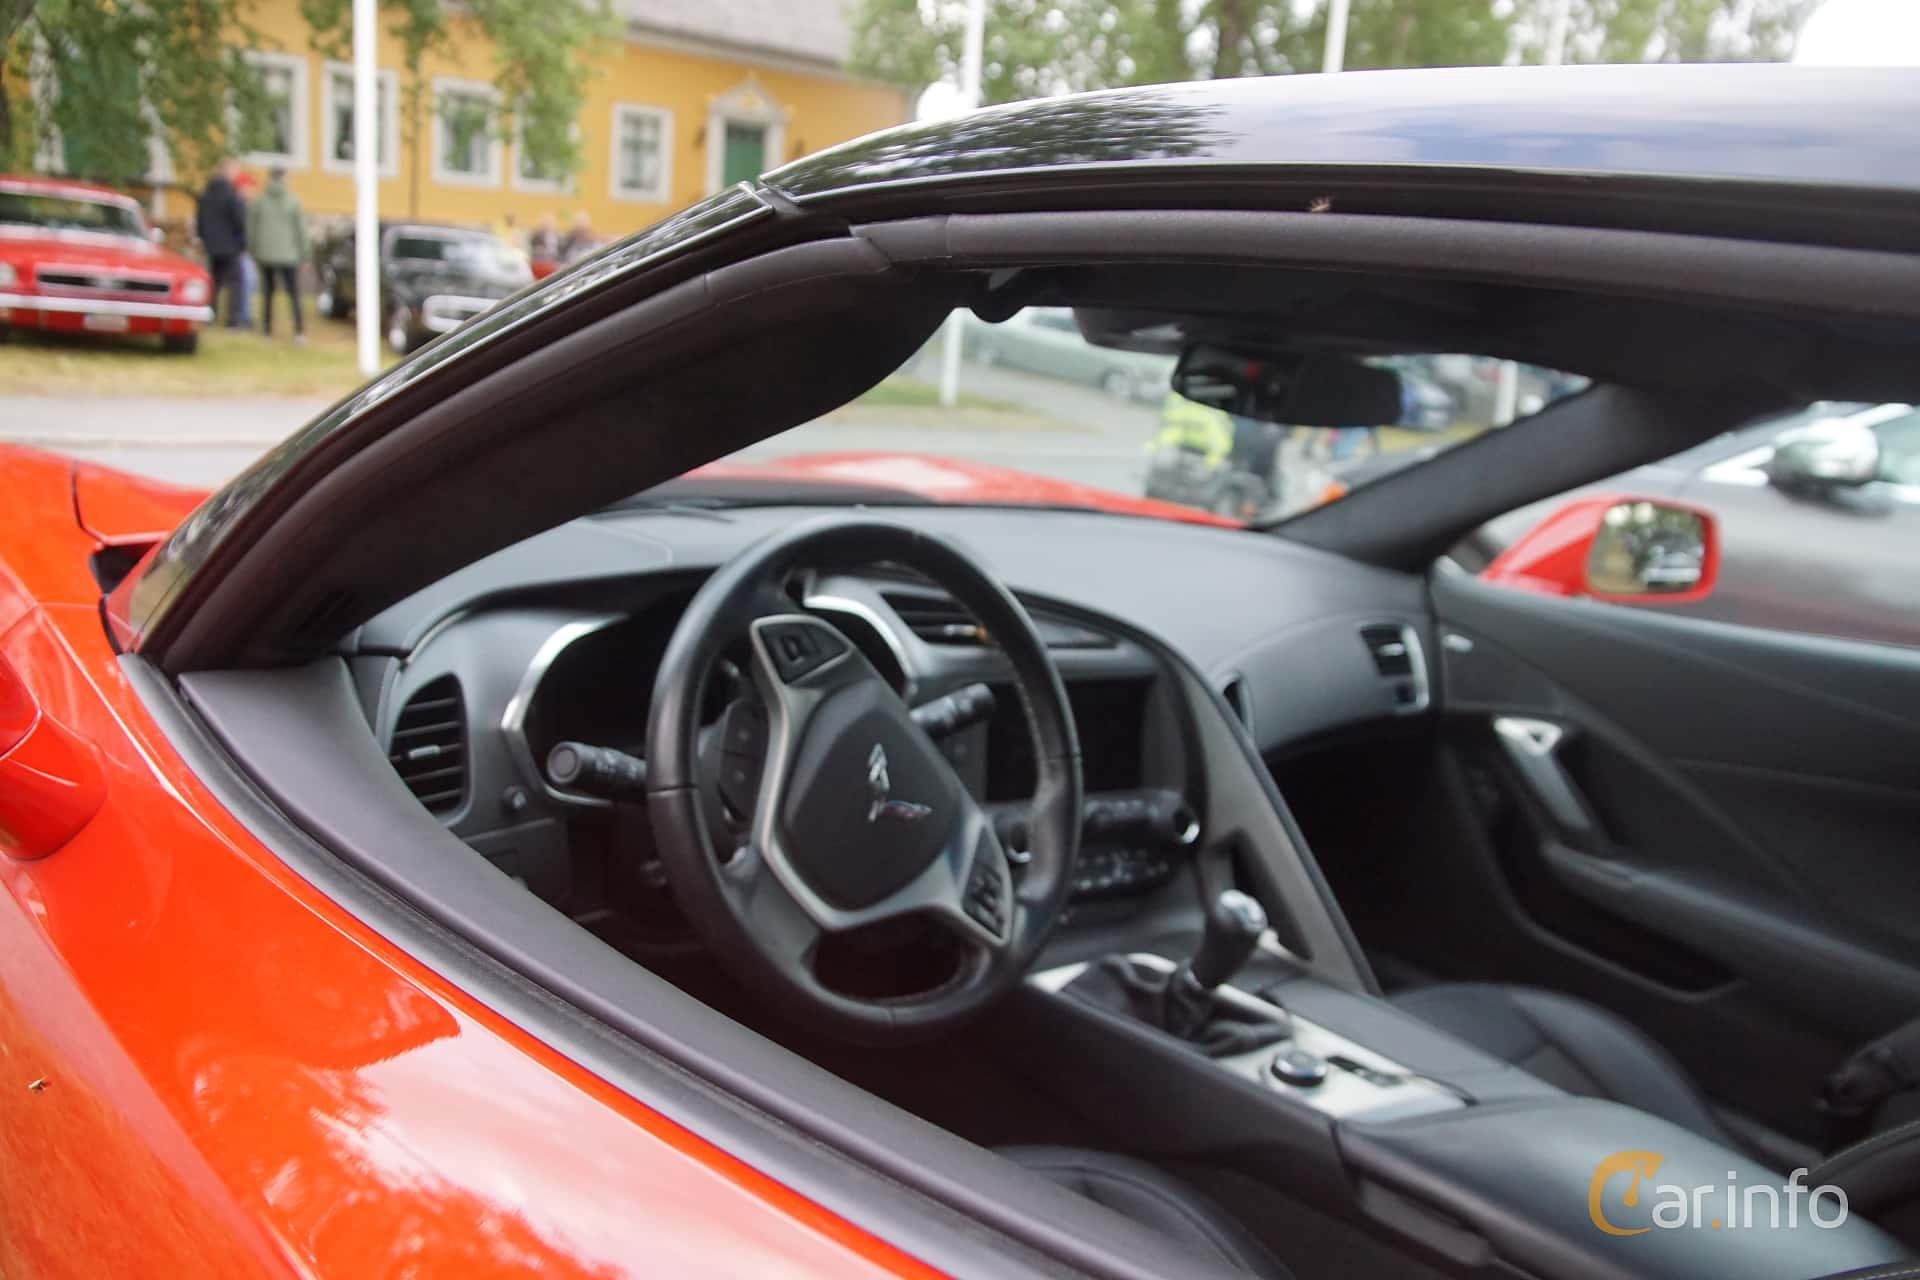 Chevrolet Corvette 6.2 V8 Manual, 466hp, 2014 at Onsdagsträffar på Gammlia Umeå 2019 vecka 32